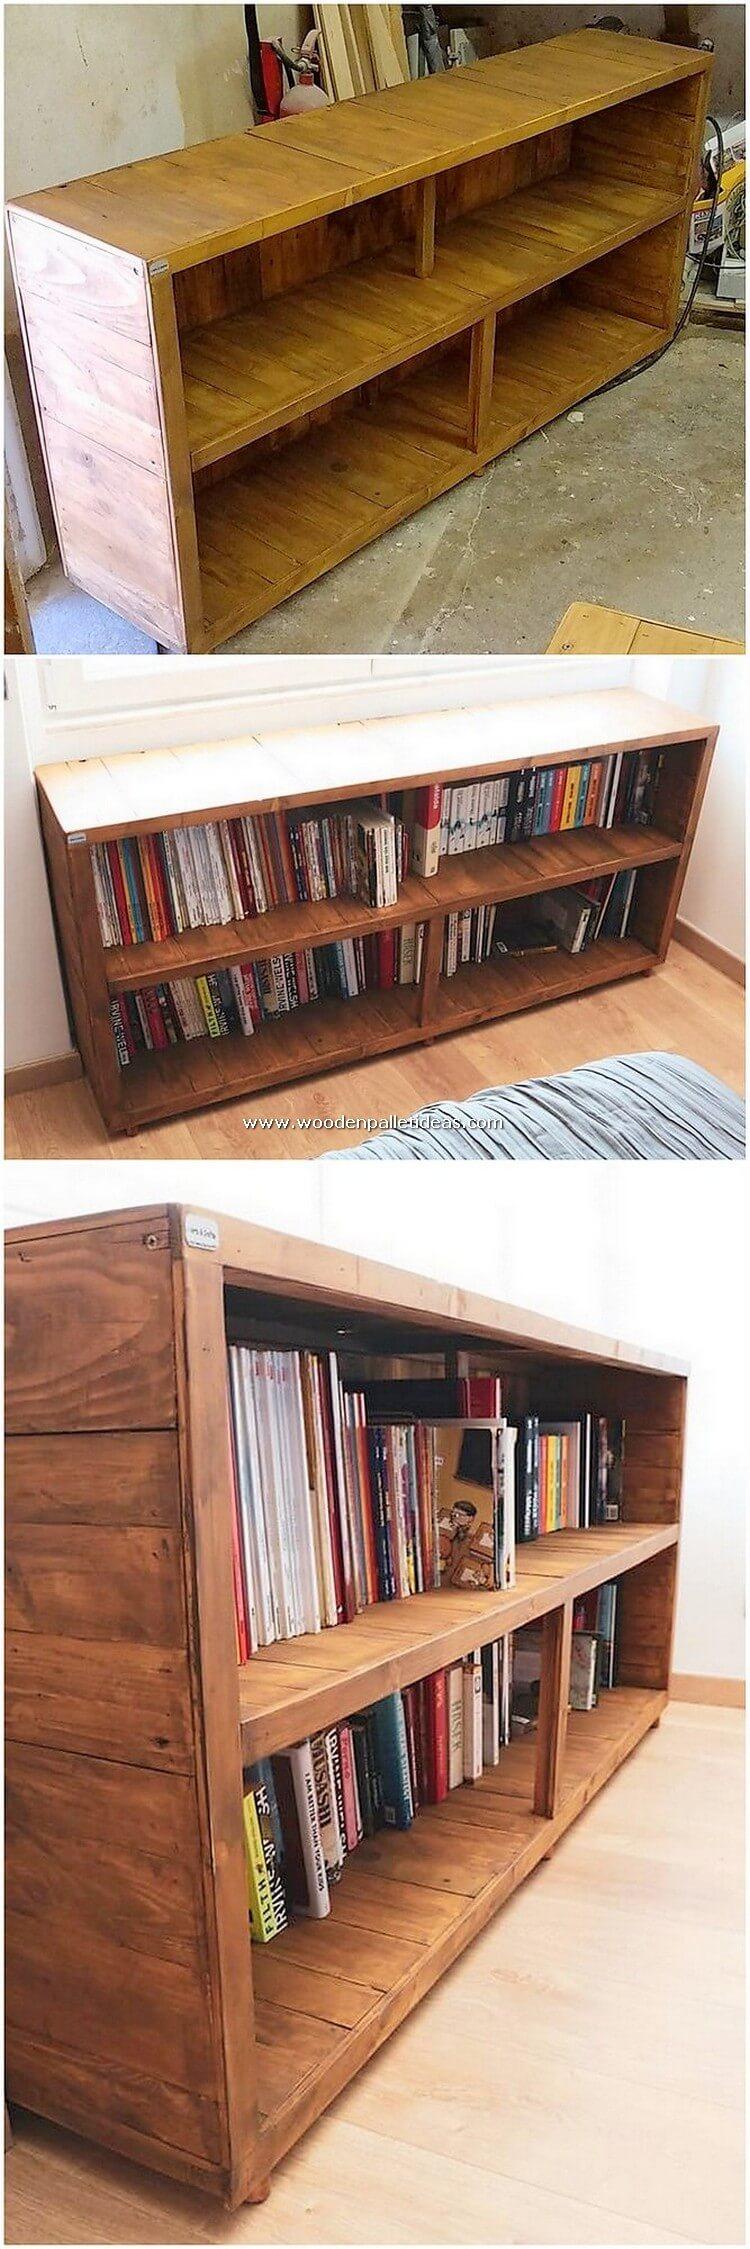 Pallet-Bookshelving-Cabinet